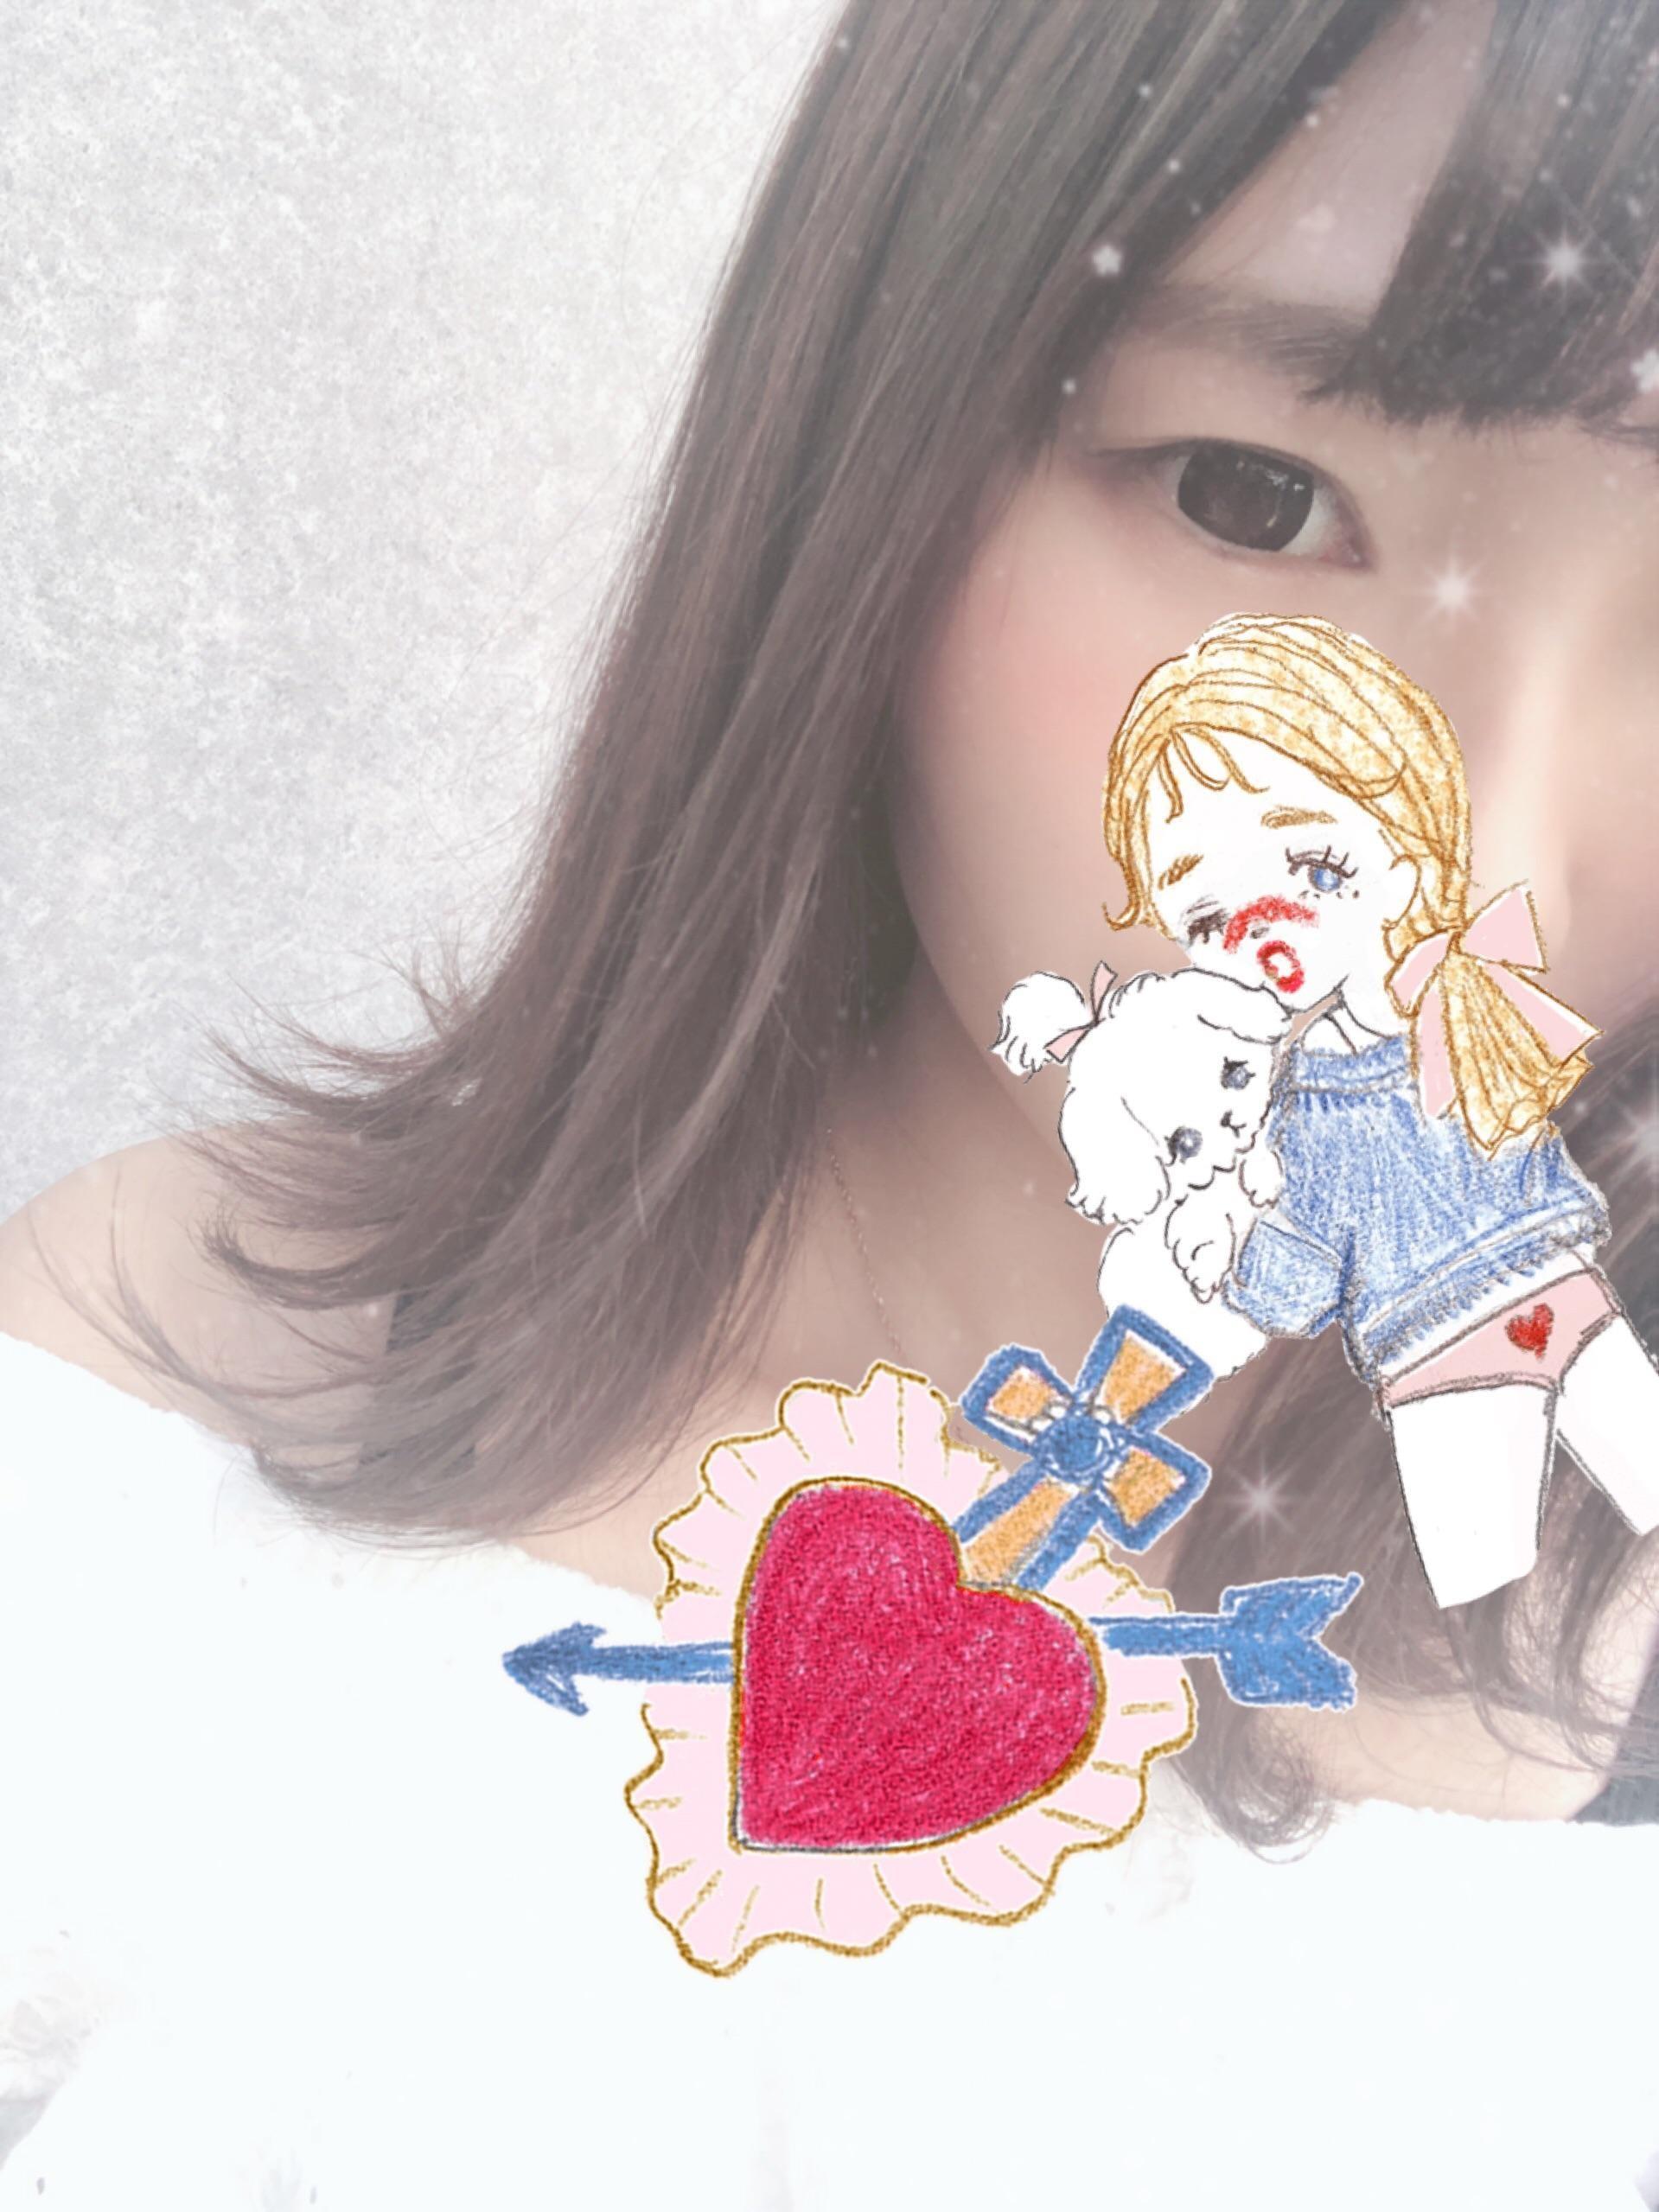 「寒い☃️」02/13(02/13) 21:53 | 花澤 みれいの写メ・風俗動画